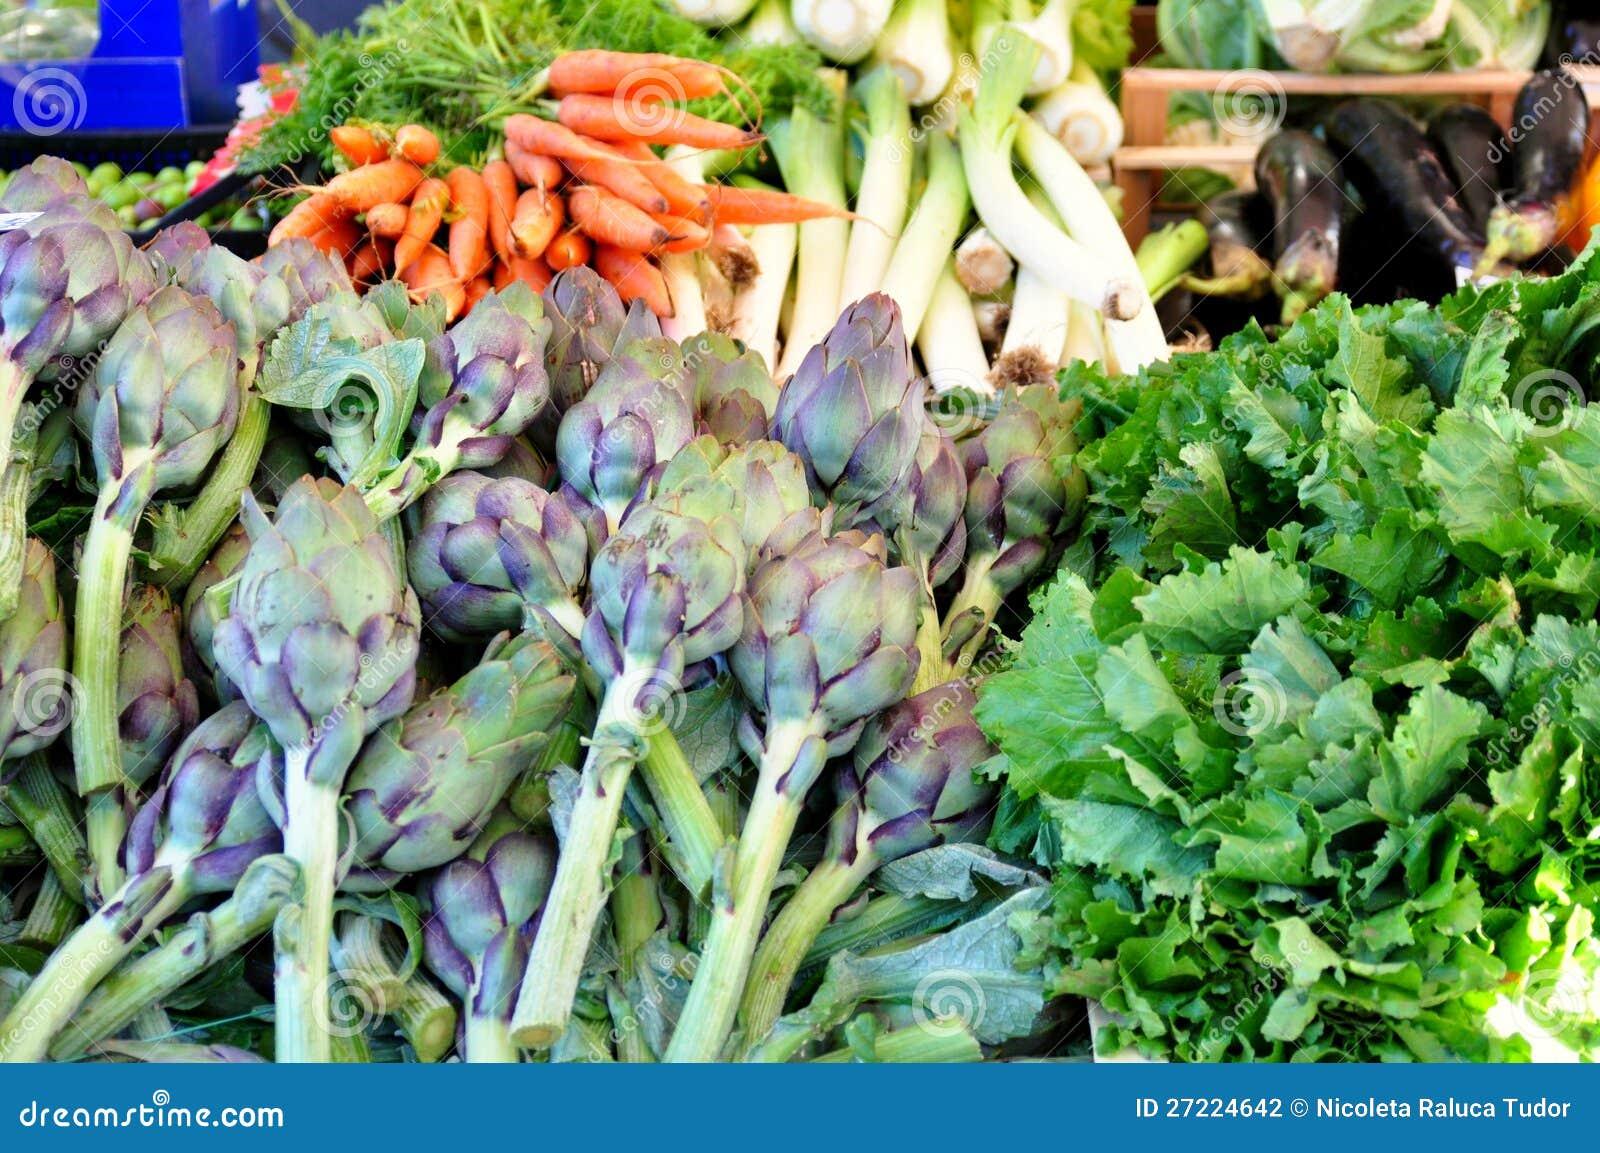 Органический рынок овощей в Италии